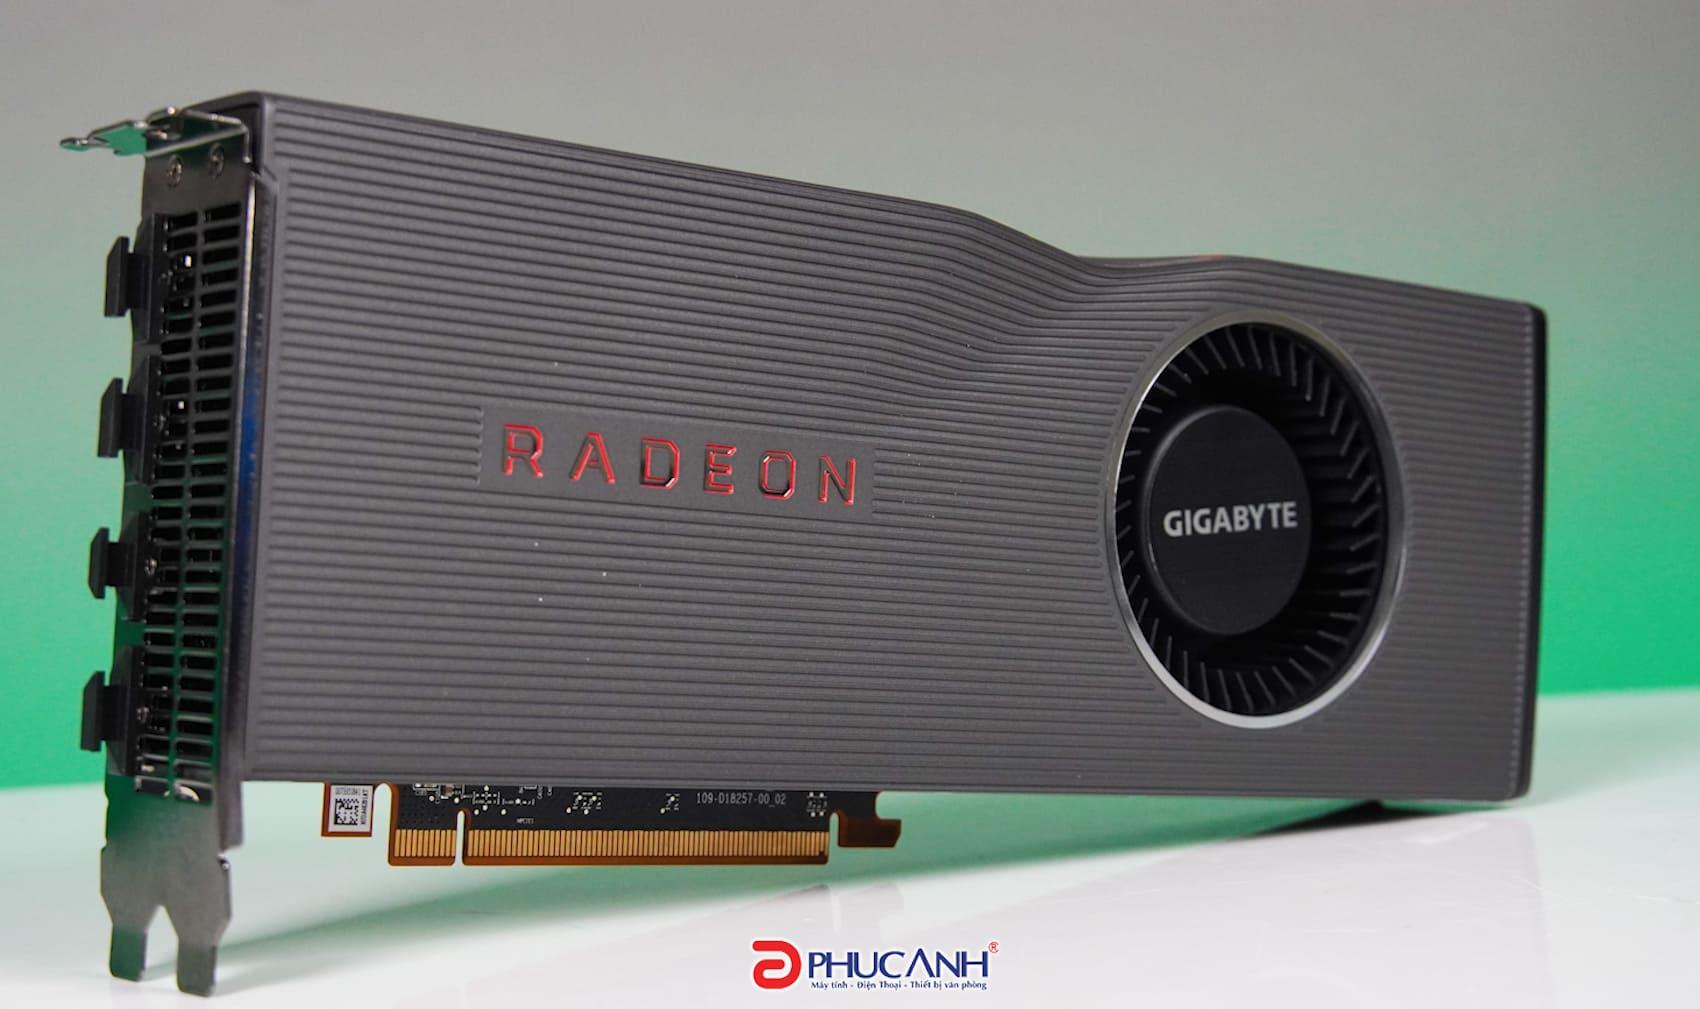 [TRÊN TAY GIGABYTE RADEON RX 5700 XT] - VGA TỐT NHẤT CỦA AMD